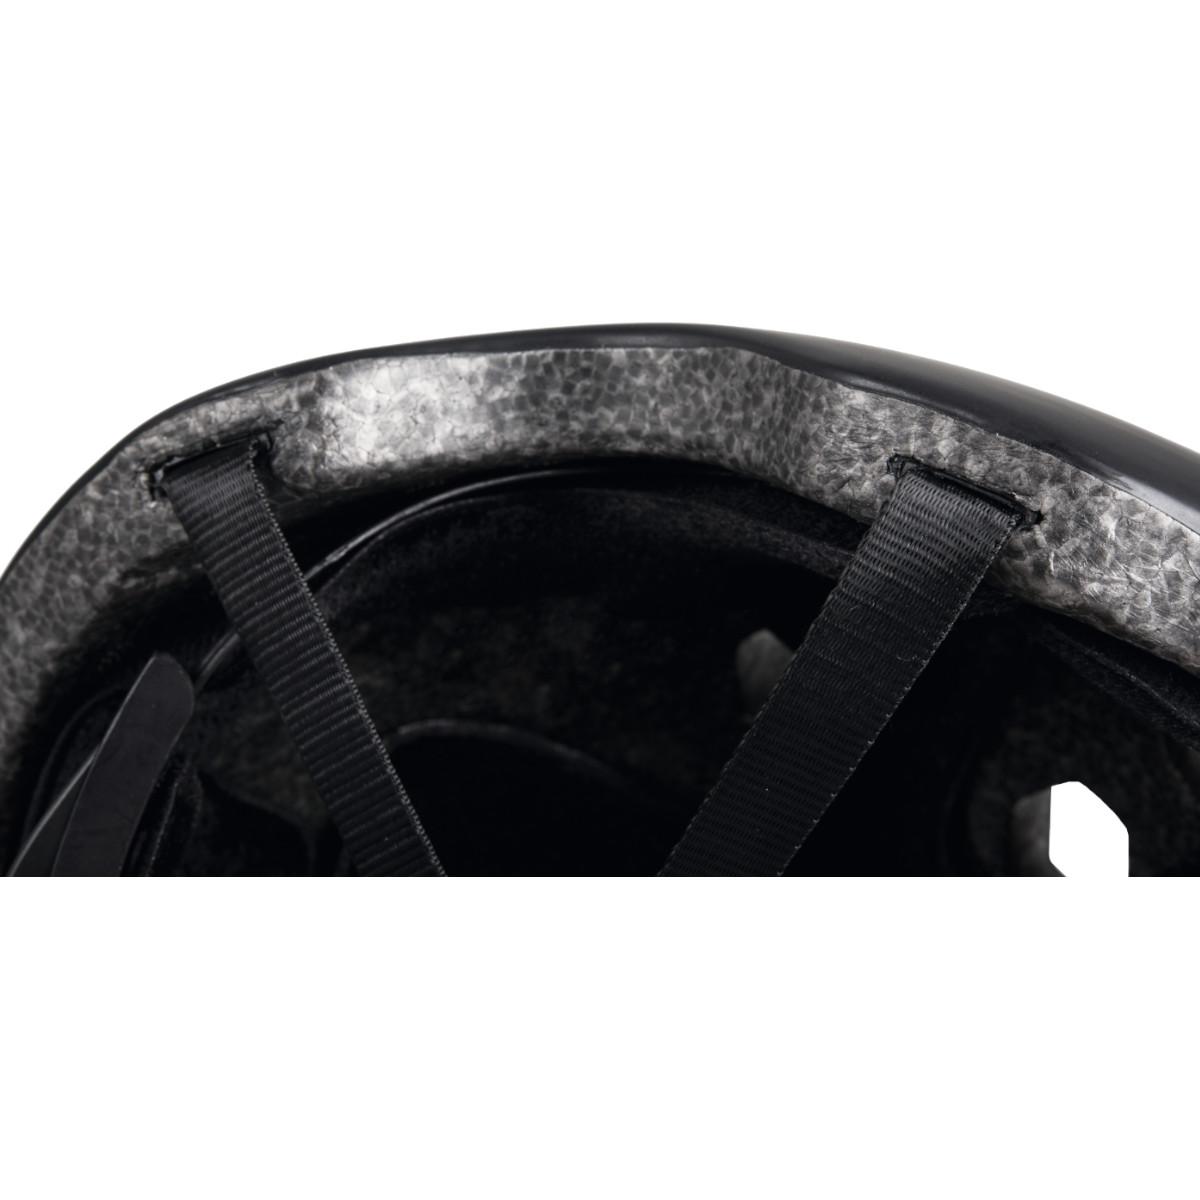 Chilli helma Inmold černá S (53-55 cm)